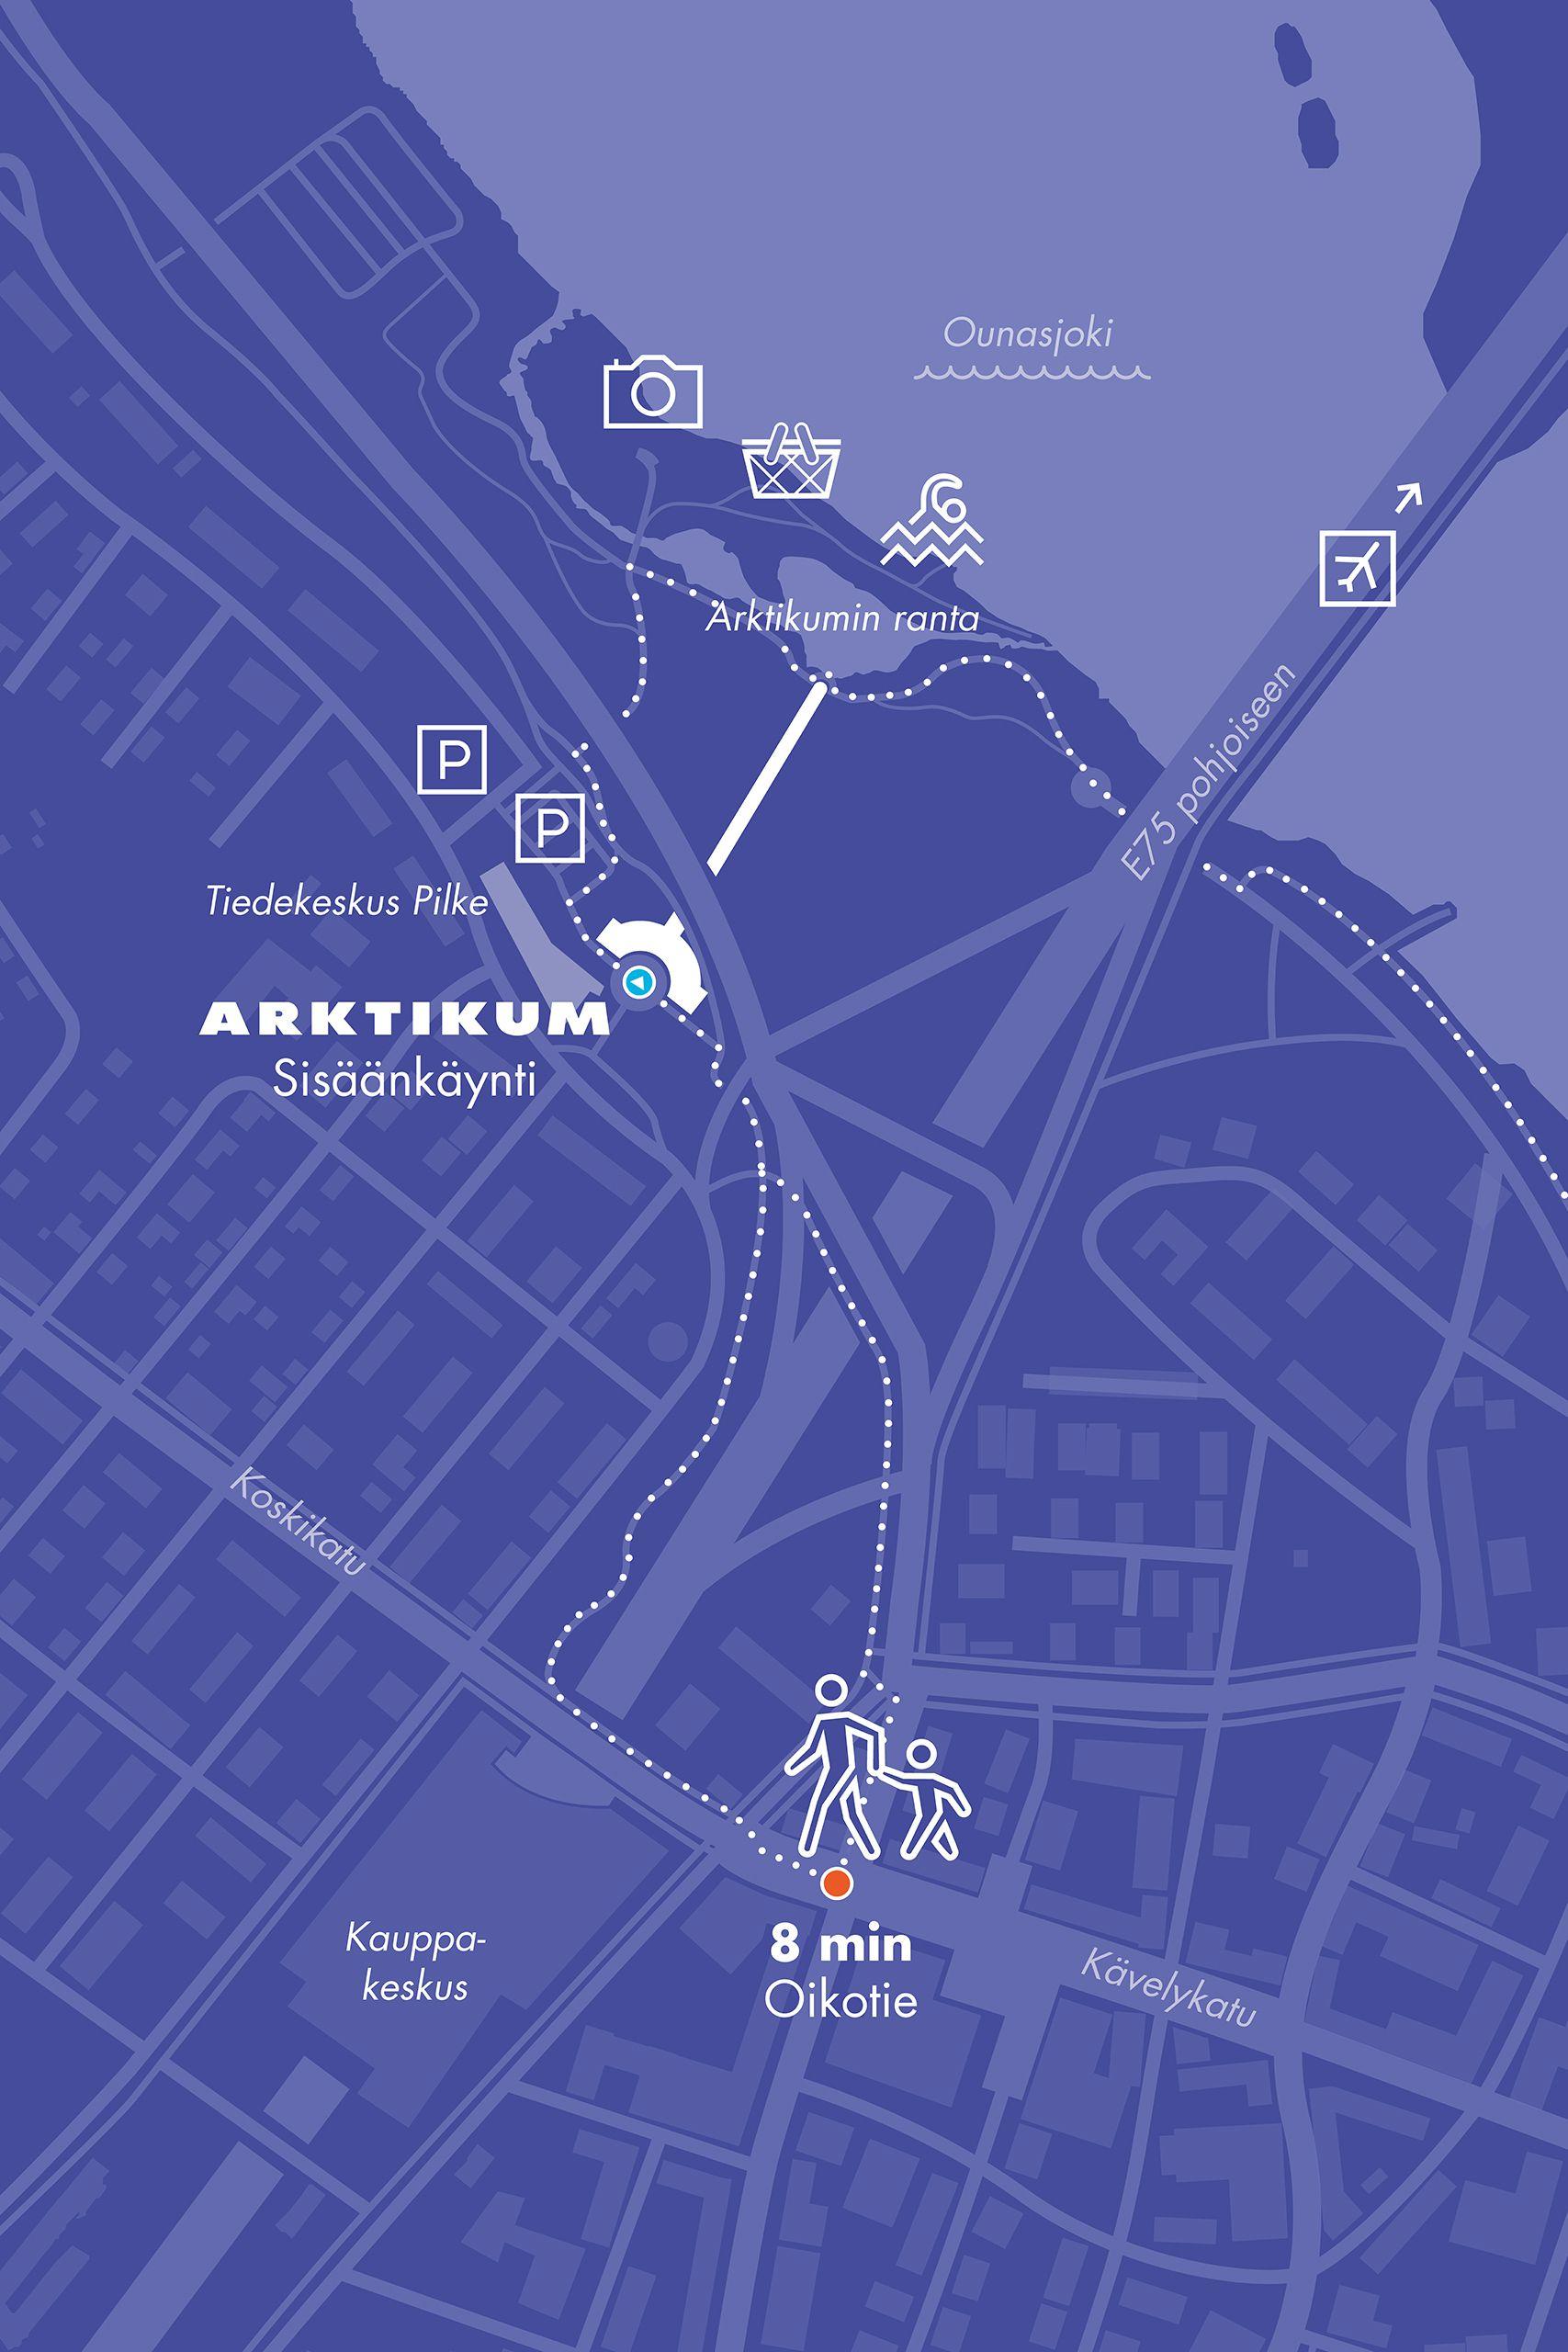 Arktikum_Mainostoimisto_Puisto_Referenssit2.jpg